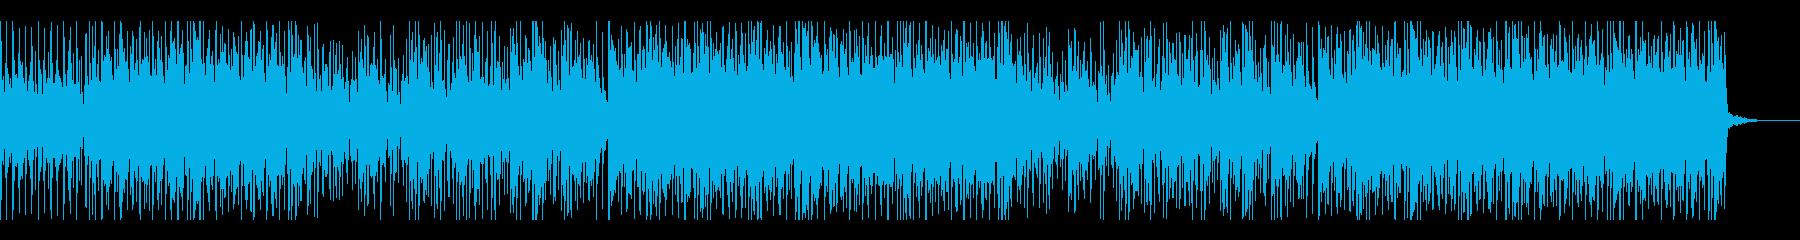 キュートで軽快なアコースティックポップの再生済みの波形